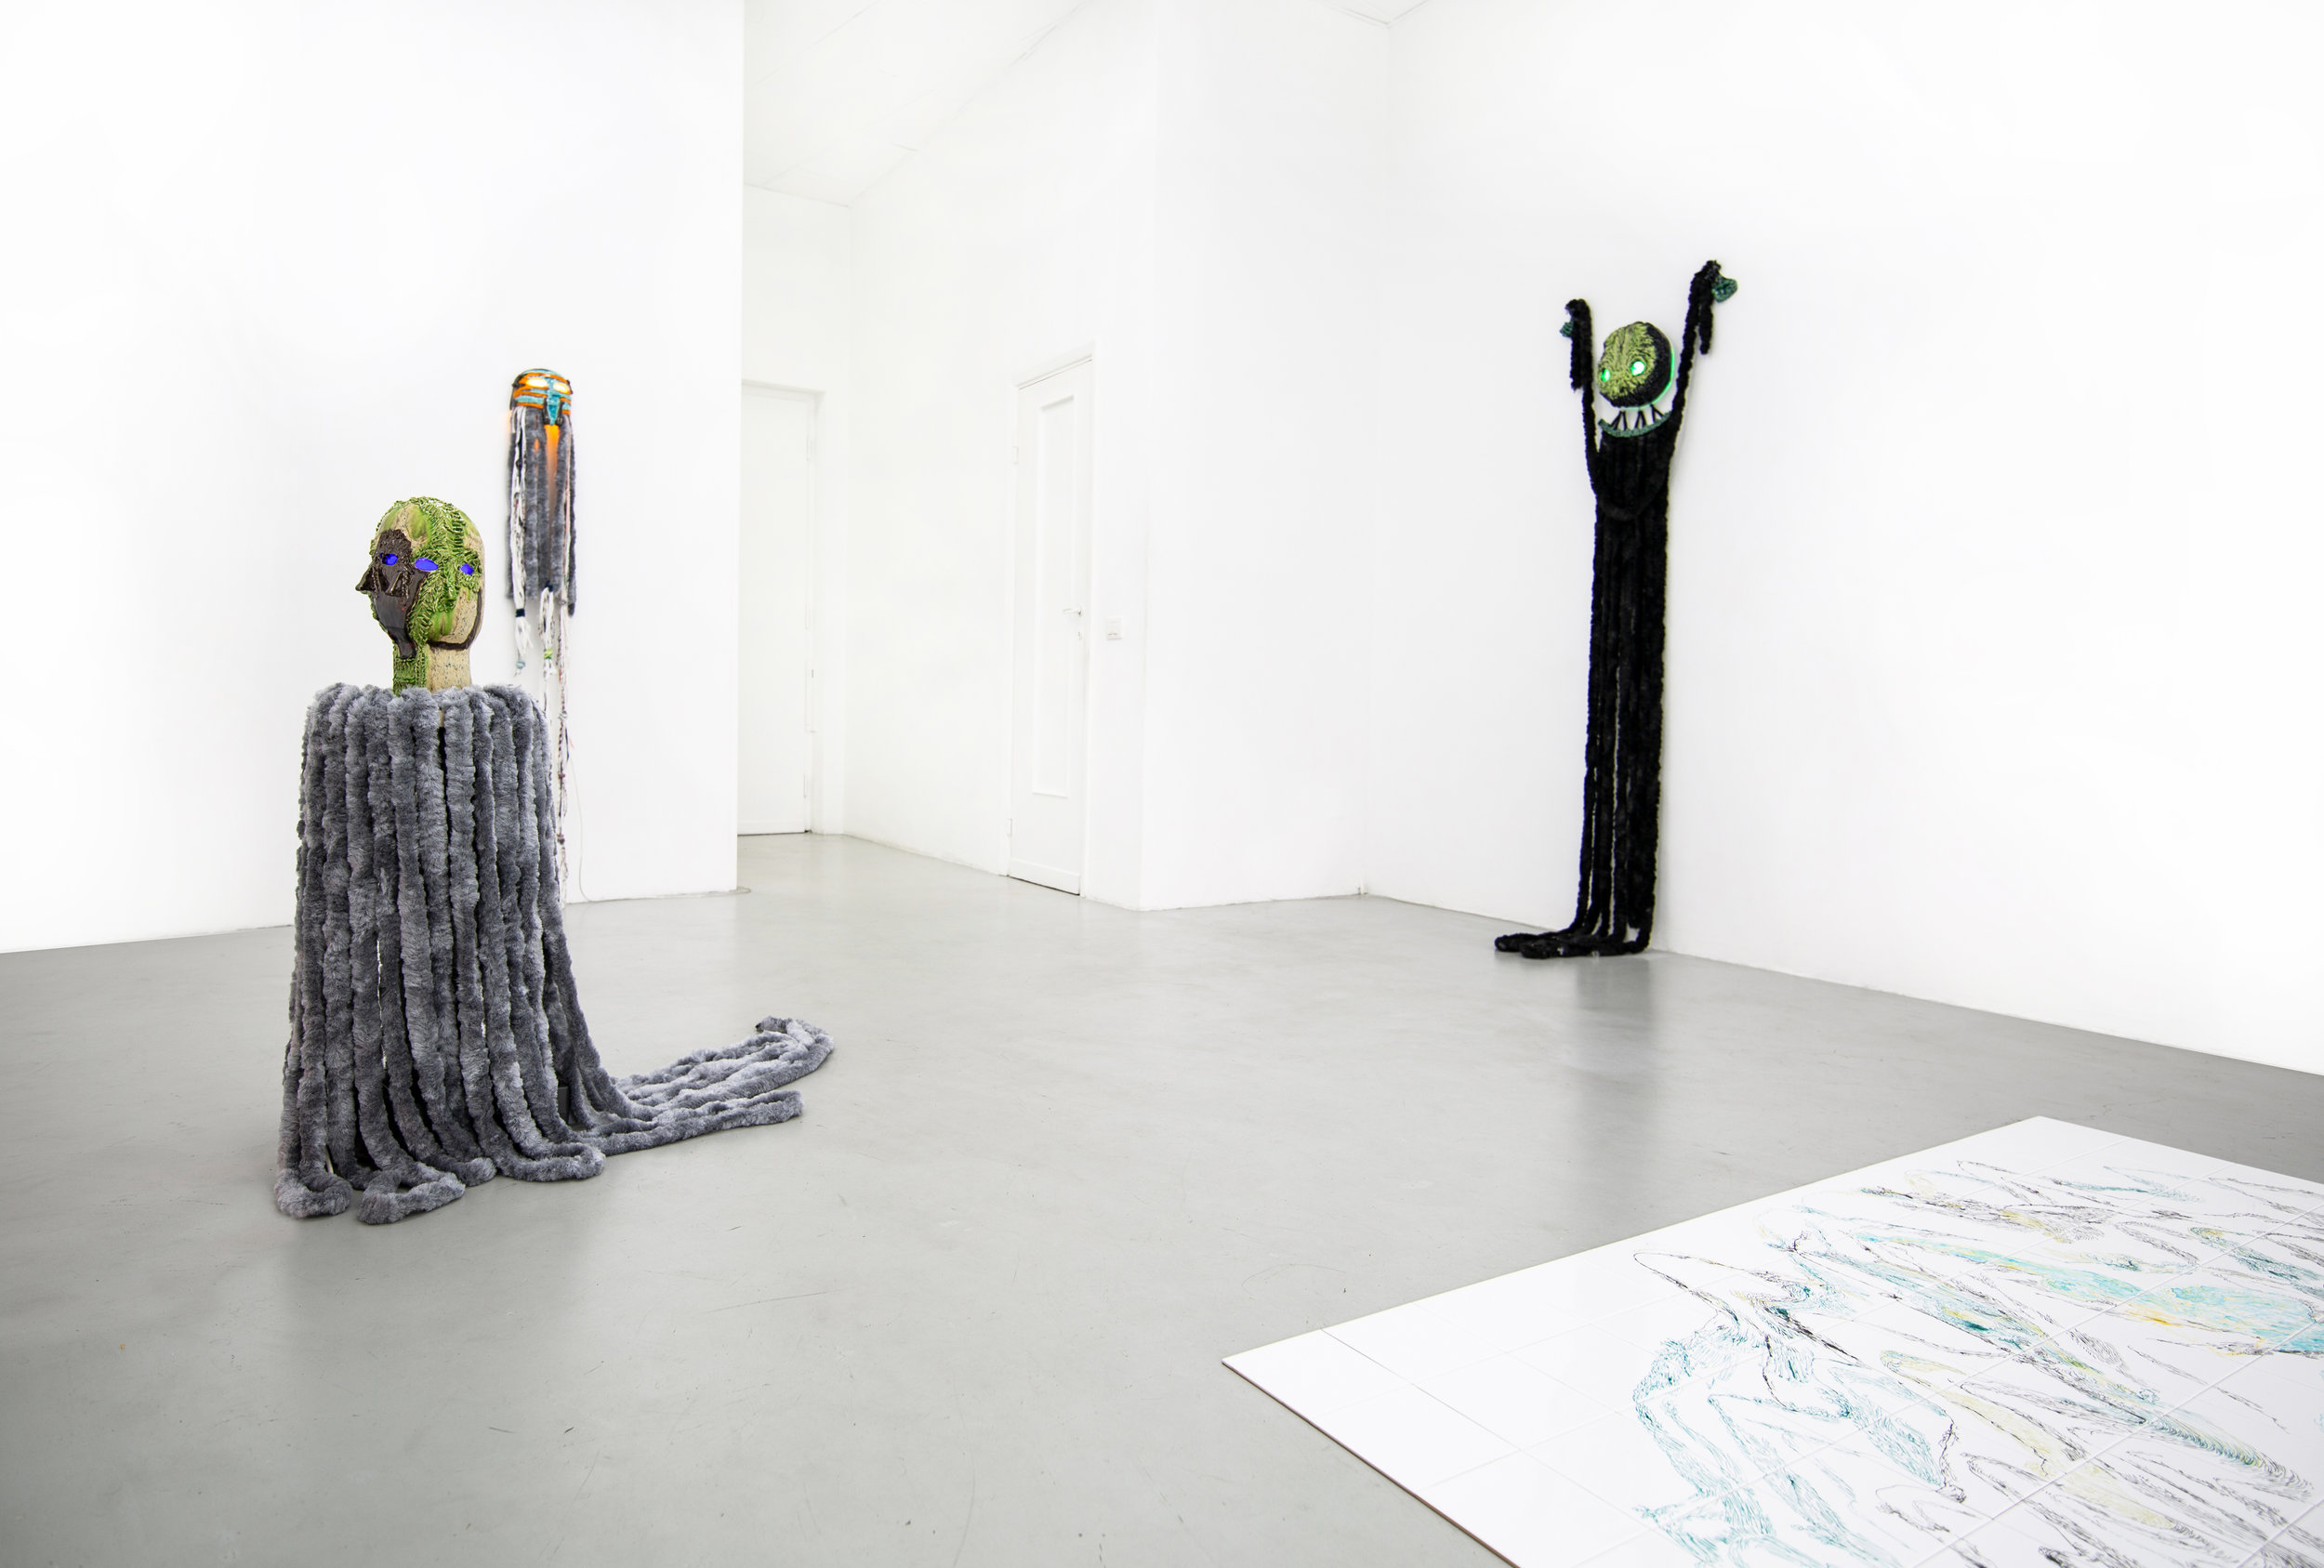 8 Giusy Pirrotta TAIXUNIA exhibition view, Dimora Artica.jpg